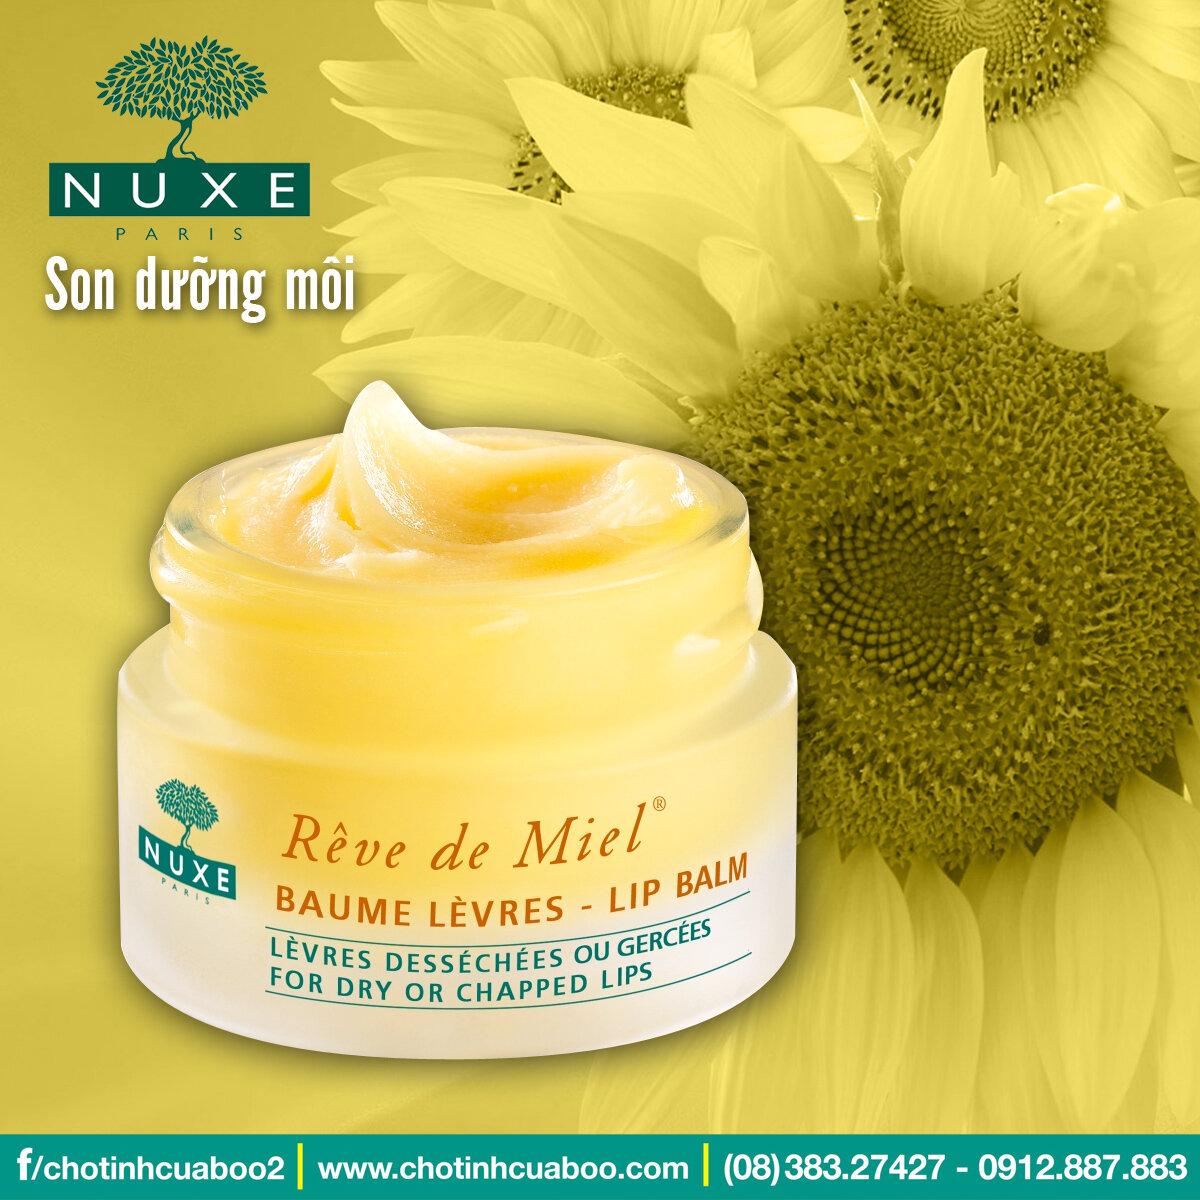 Son dưỡng môi Nuxe Reve de Miel Lip balm